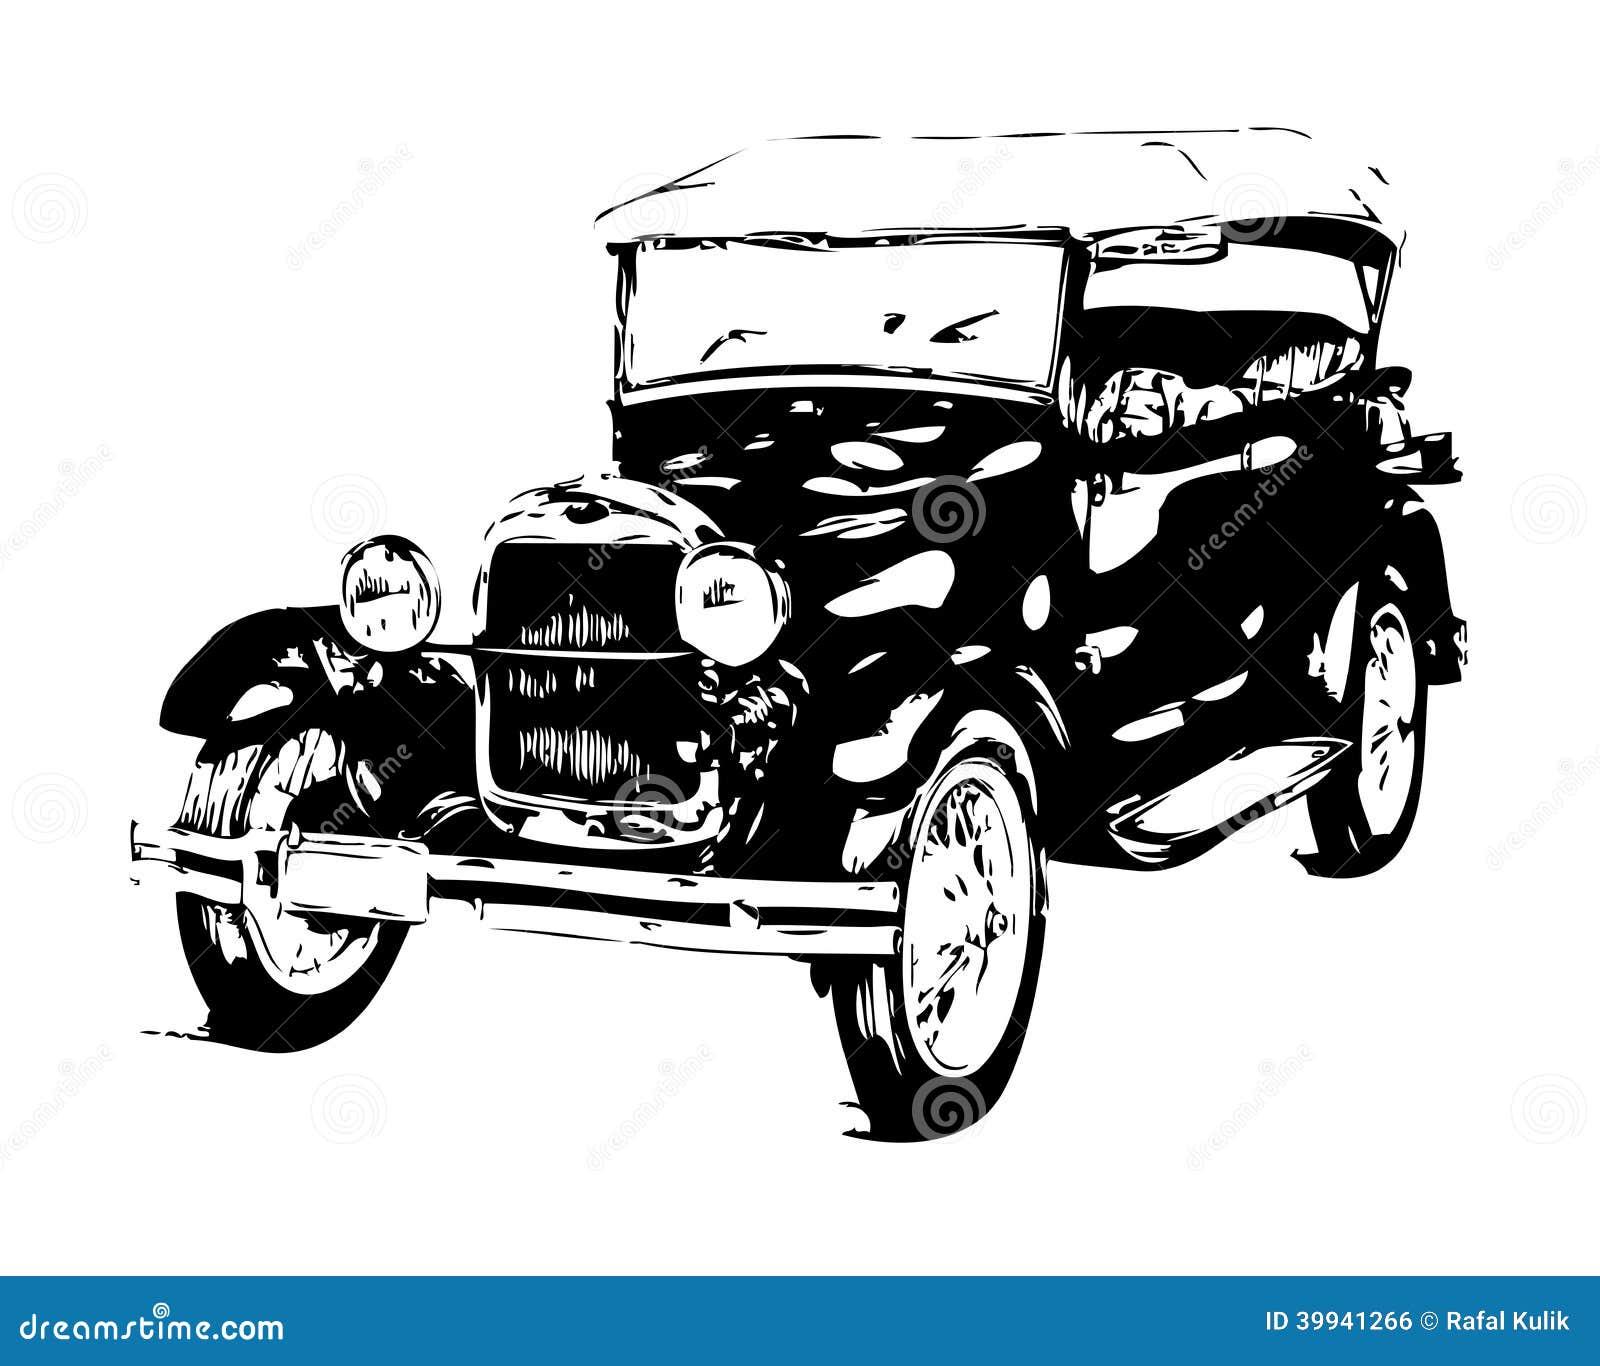 lamborghini classic car wallpaper